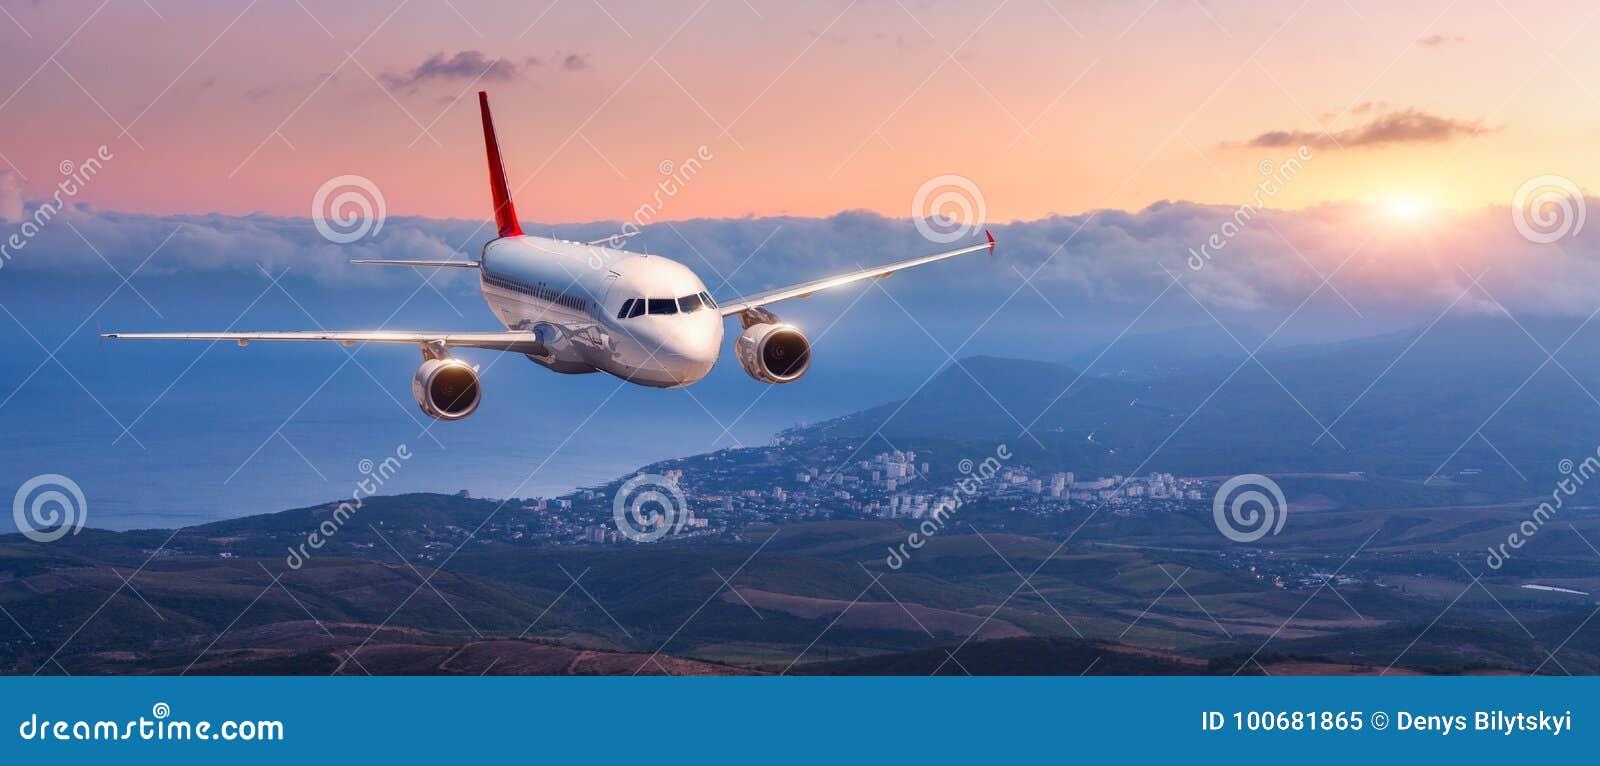 El paisaje con el aeroplano blanco está volando en el cielo anaranjado